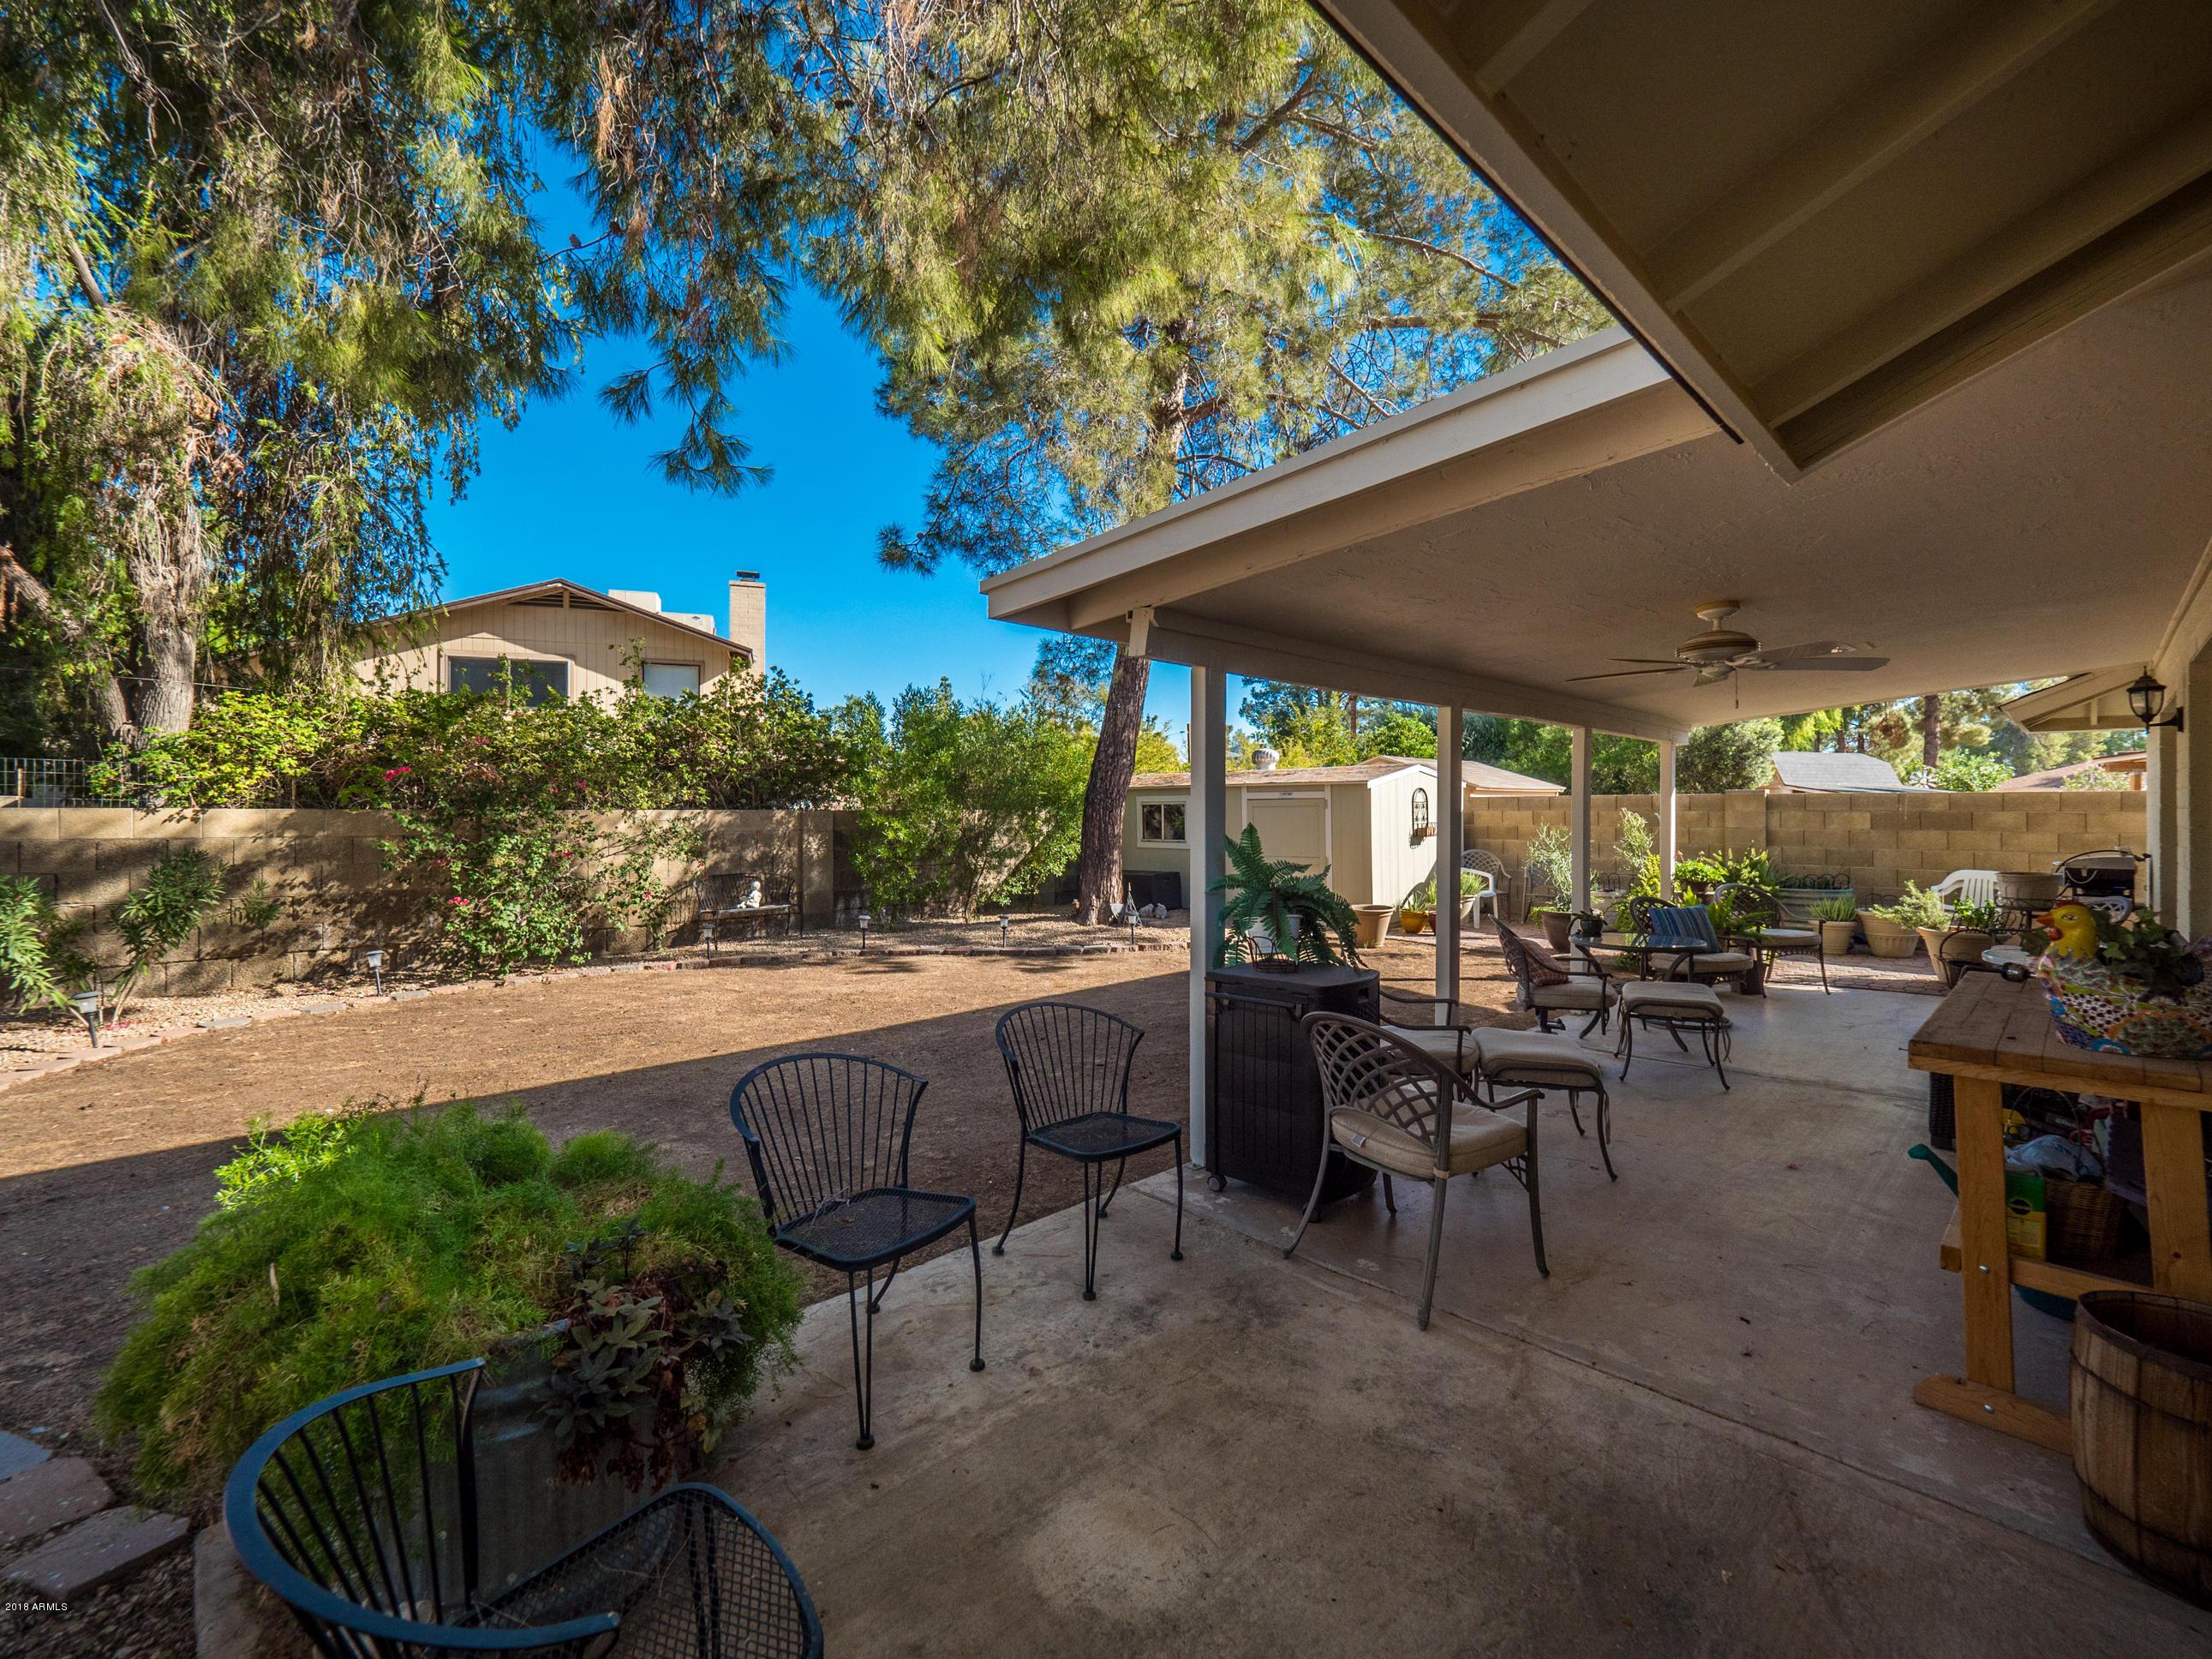 MLS 5826900 2035 S HENKEL Circle, Mesa, AZ 85202 Mesa AZ Dobson Ranch